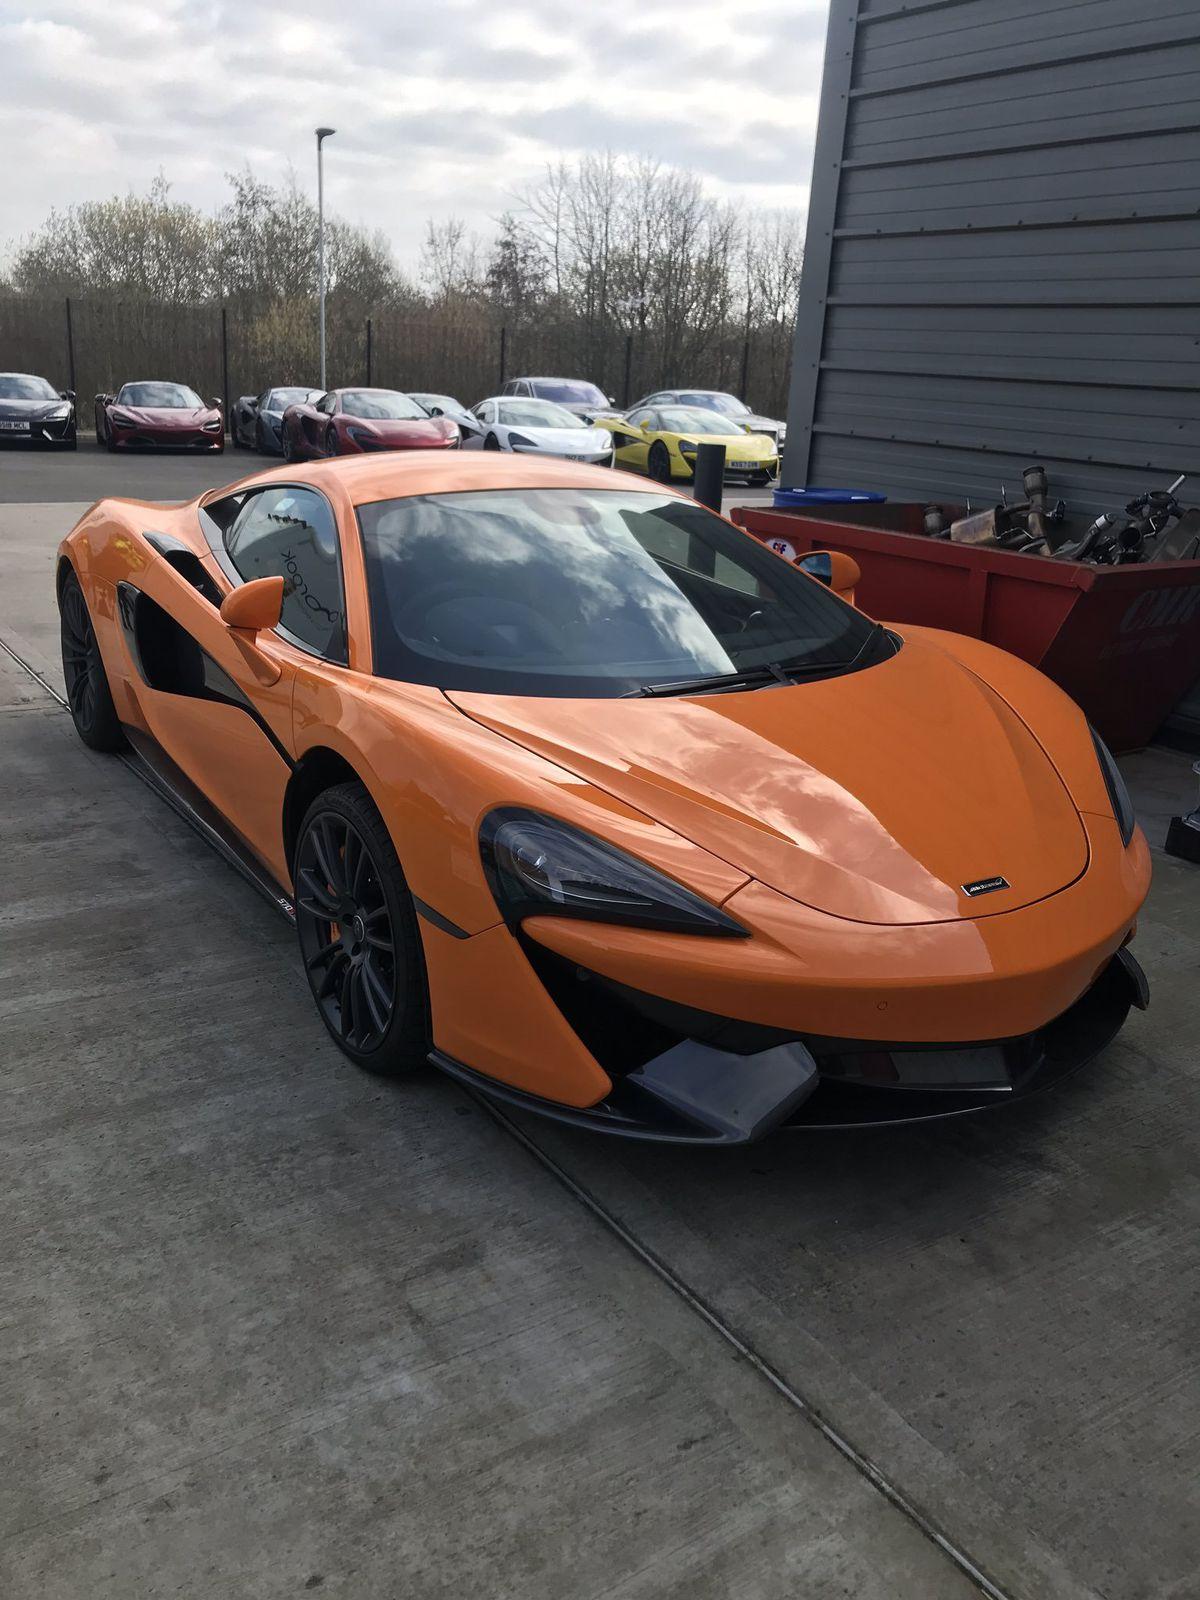 The stolen super car. Photo: Brum City Centre Police